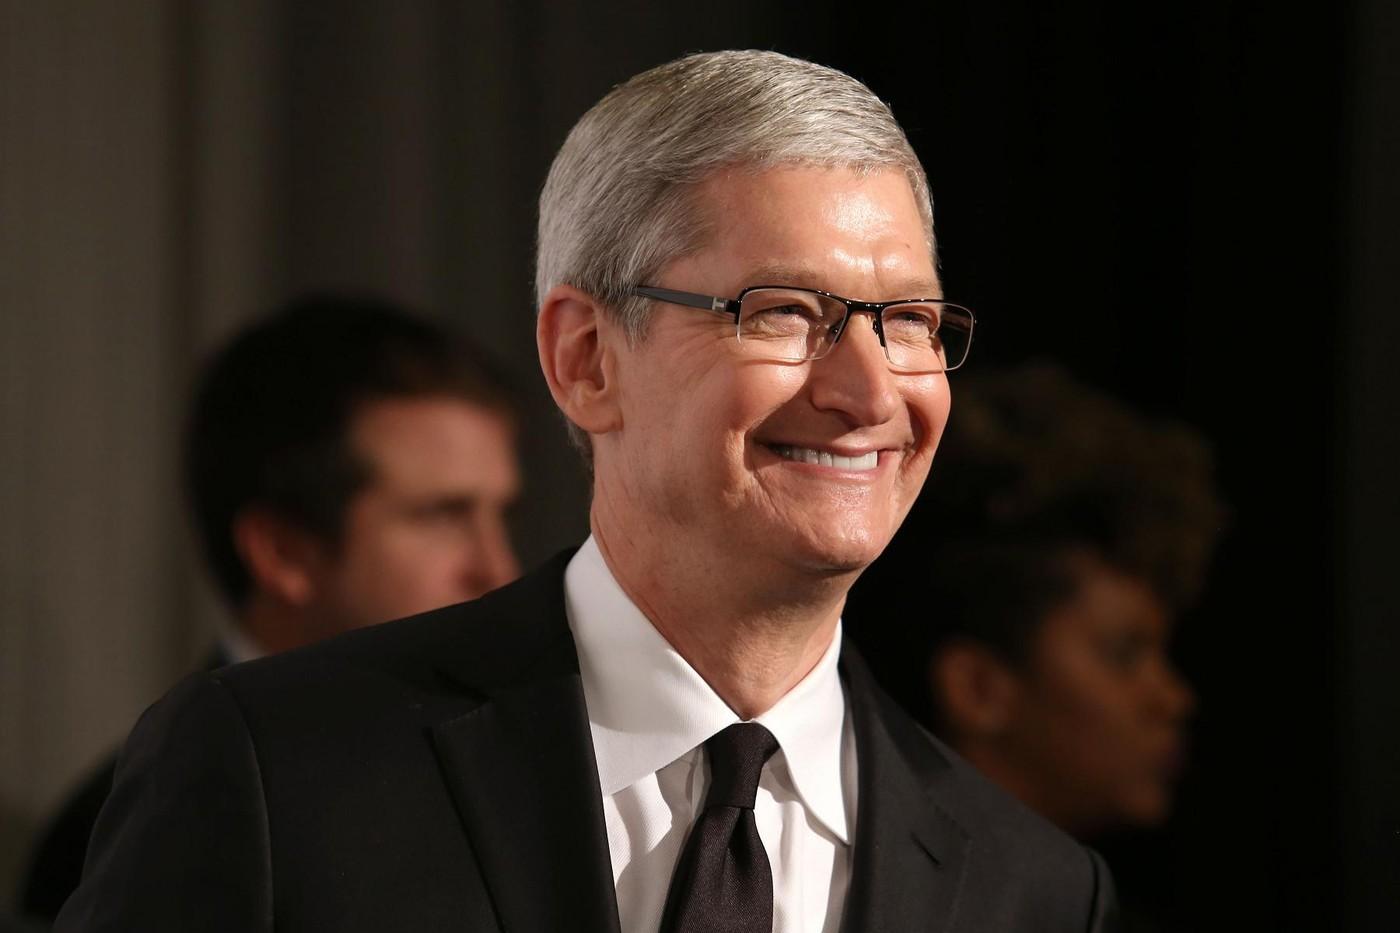 作風跟賈伯斯截然不同,提姆·庫克如何成功改造蘋果?